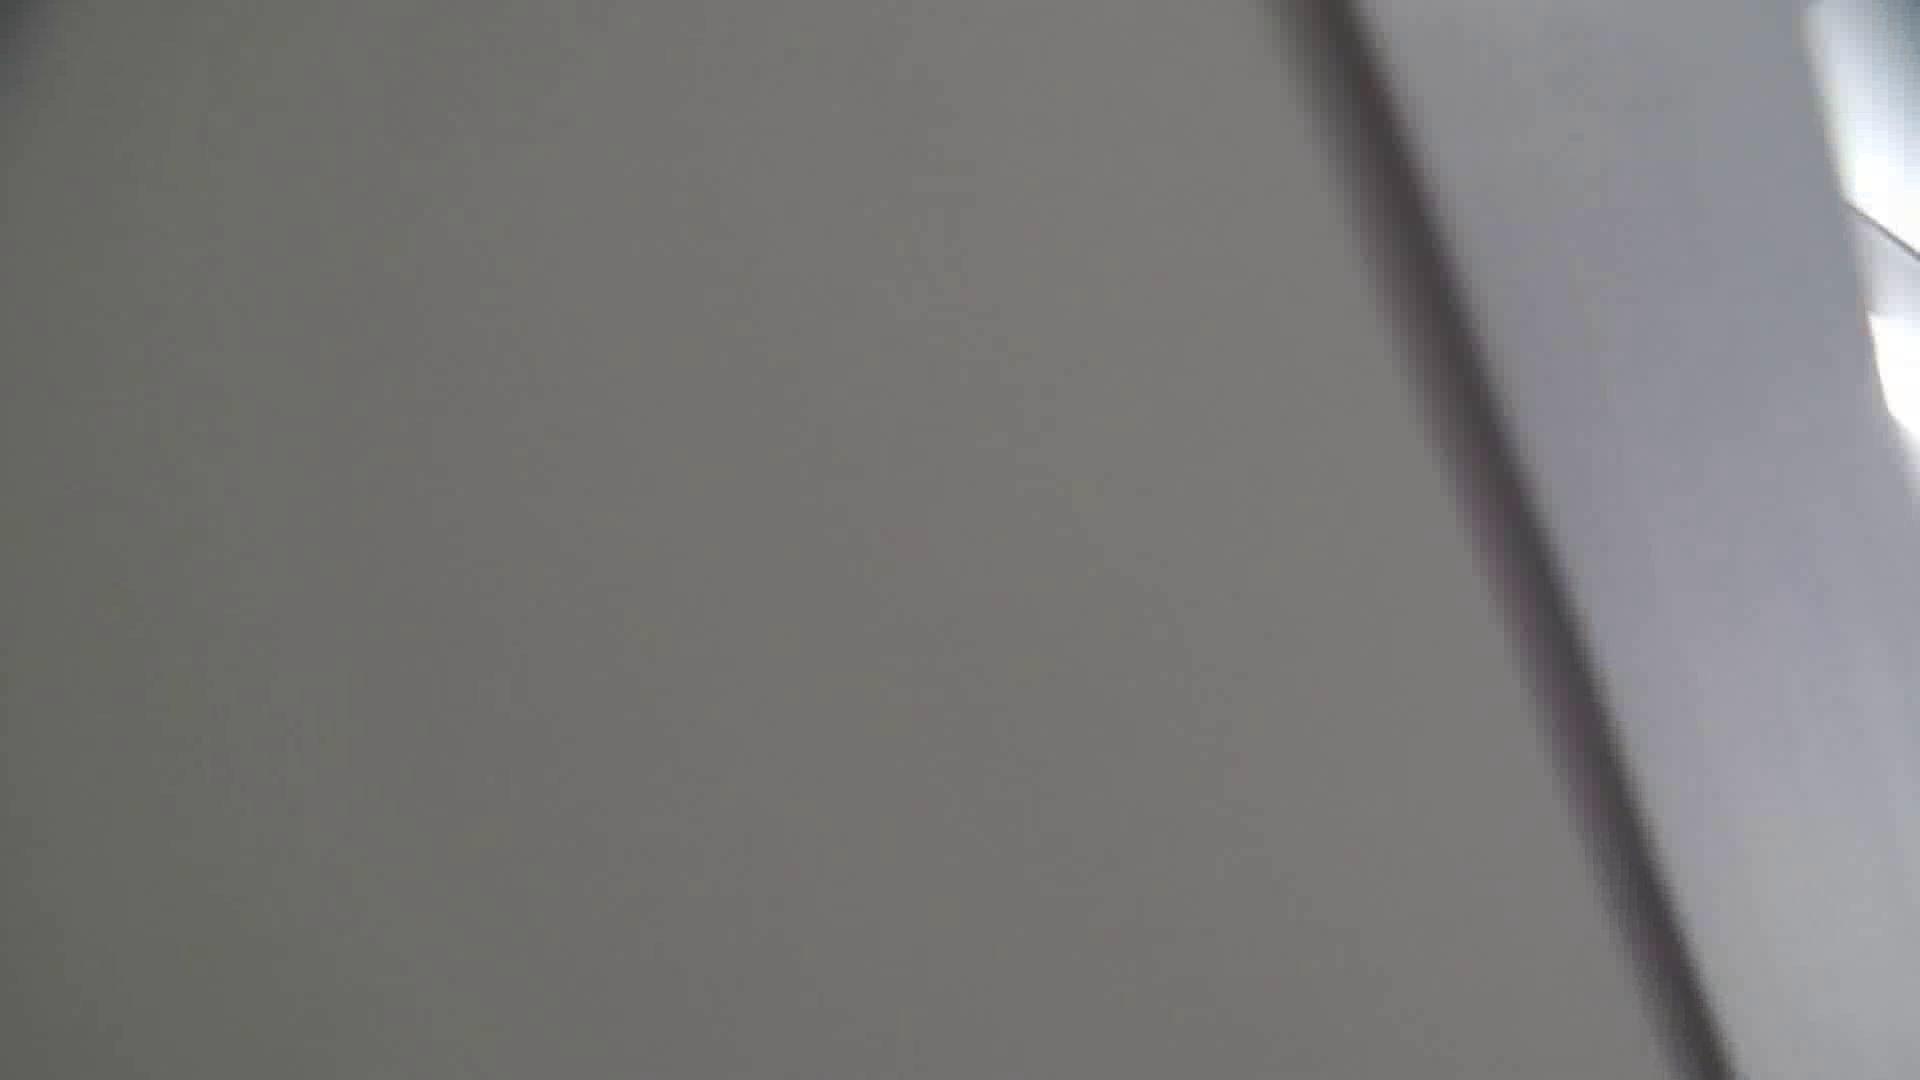 vol.28 命がけ潜伏洗面所! ∑(゚Д゚)アッ! エロティックなOL   洗面所はめどり  106画像 15